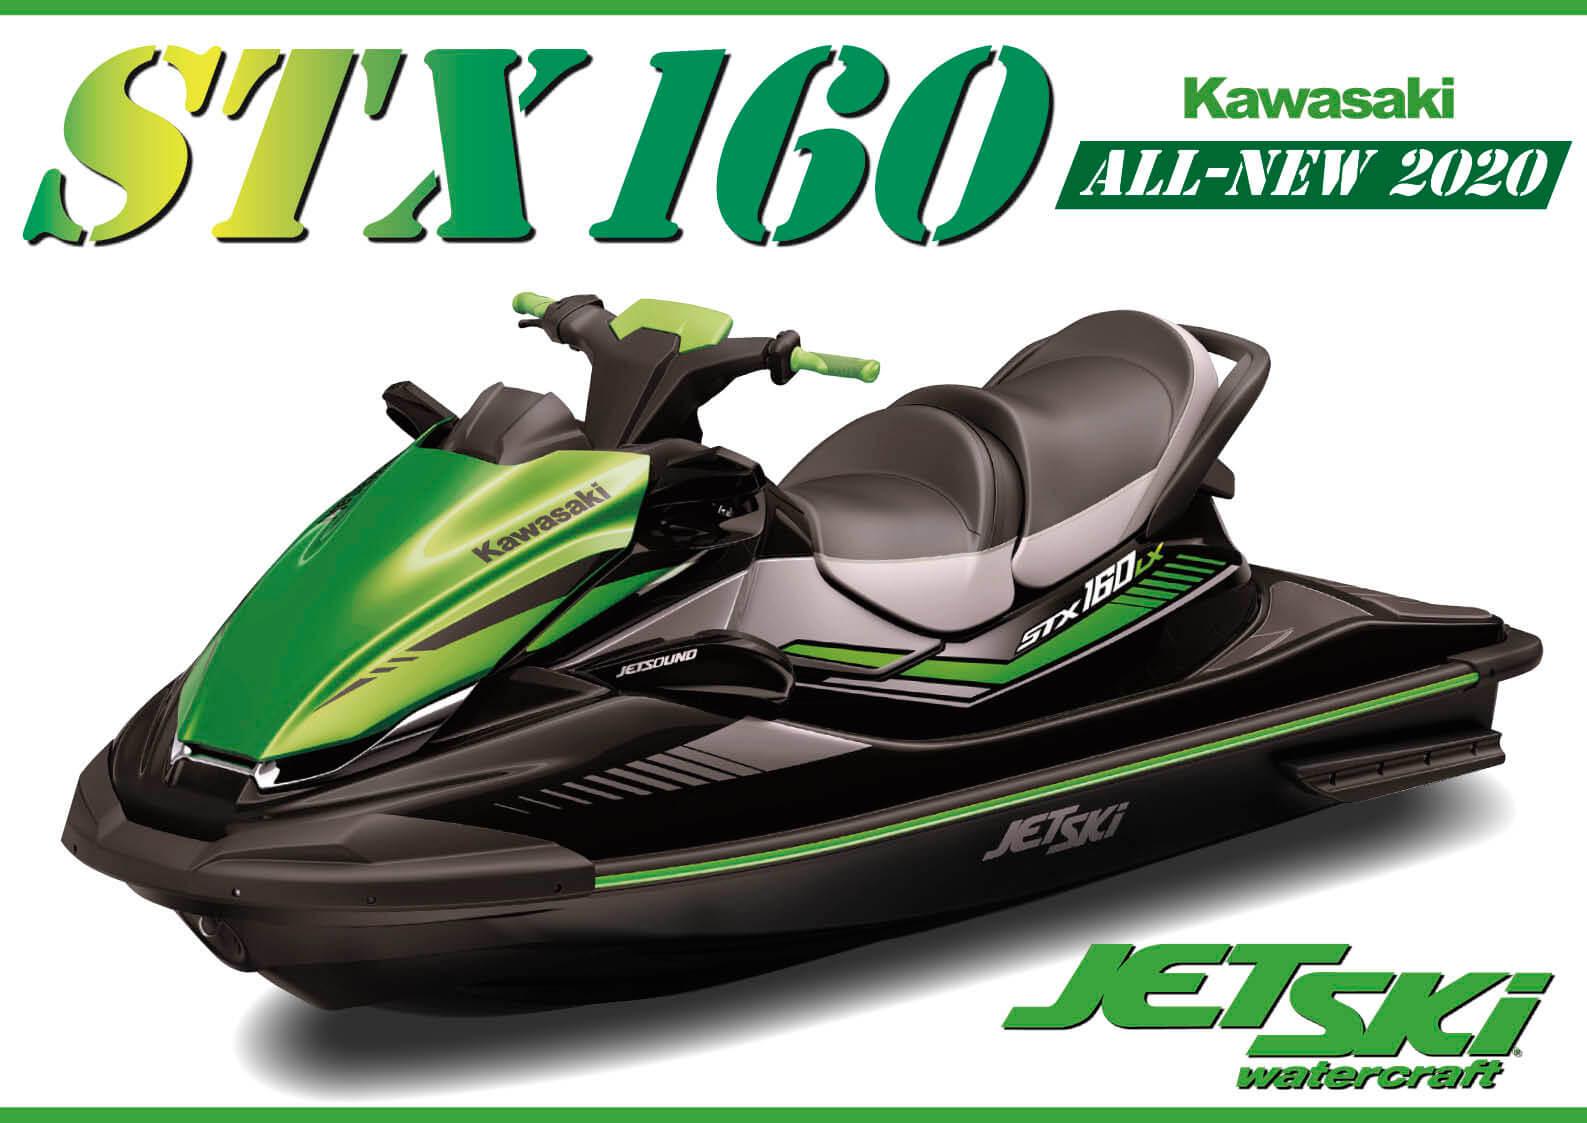 2020 カワサキ ジェットスキーニューモデル1 よく分かる「STX 160」